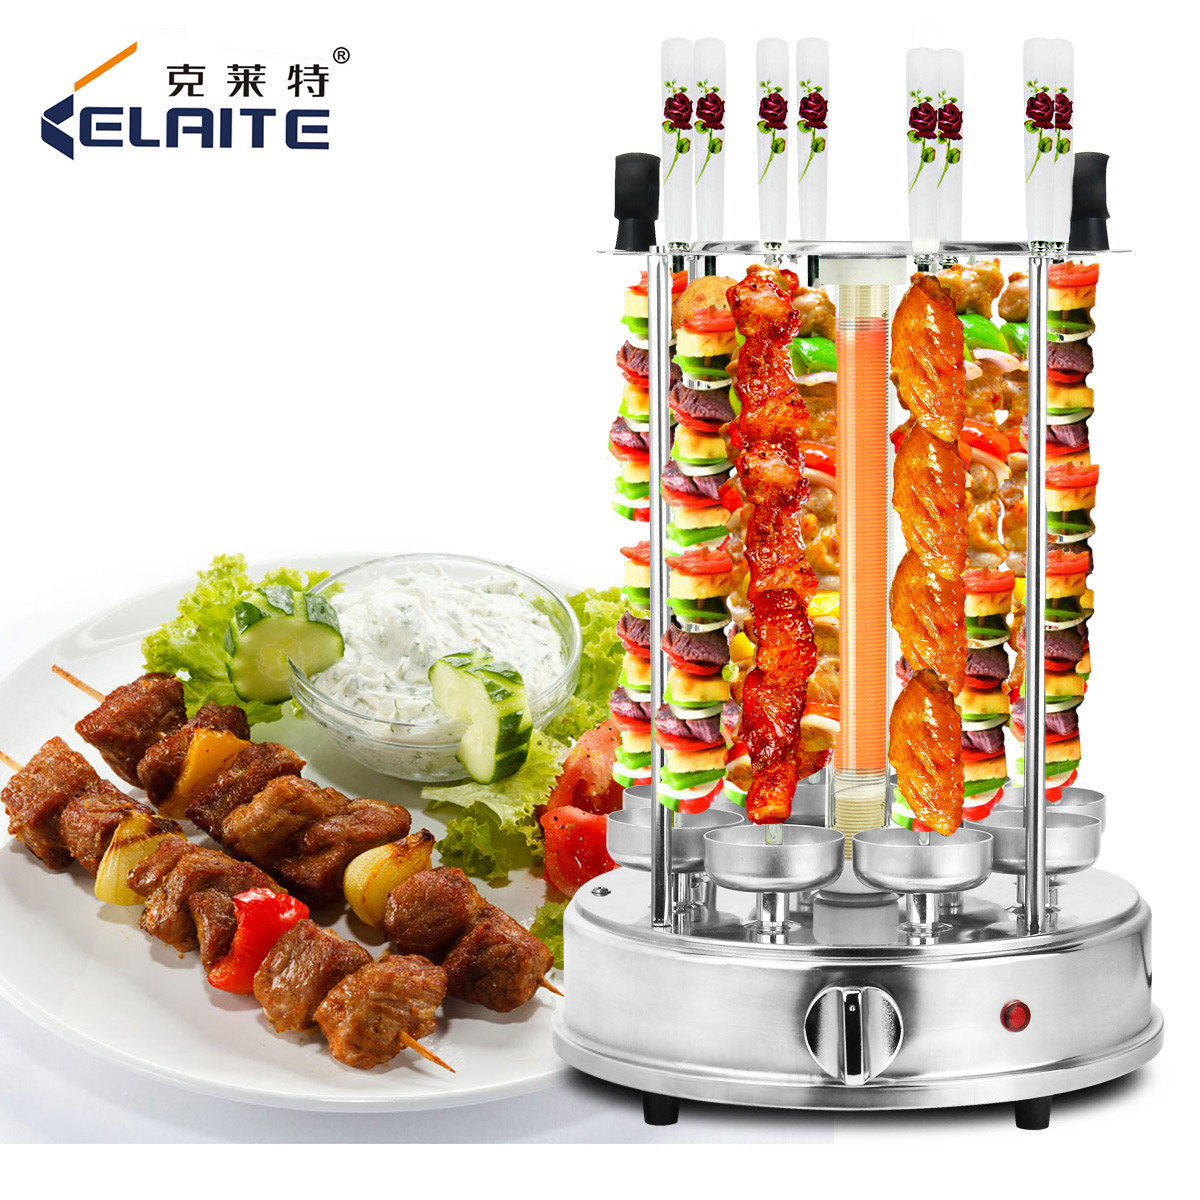 克萊特 燒烤爐家用無煙電烤爐自動旋轉烤肉機烤羊肉串燒烤機包郵